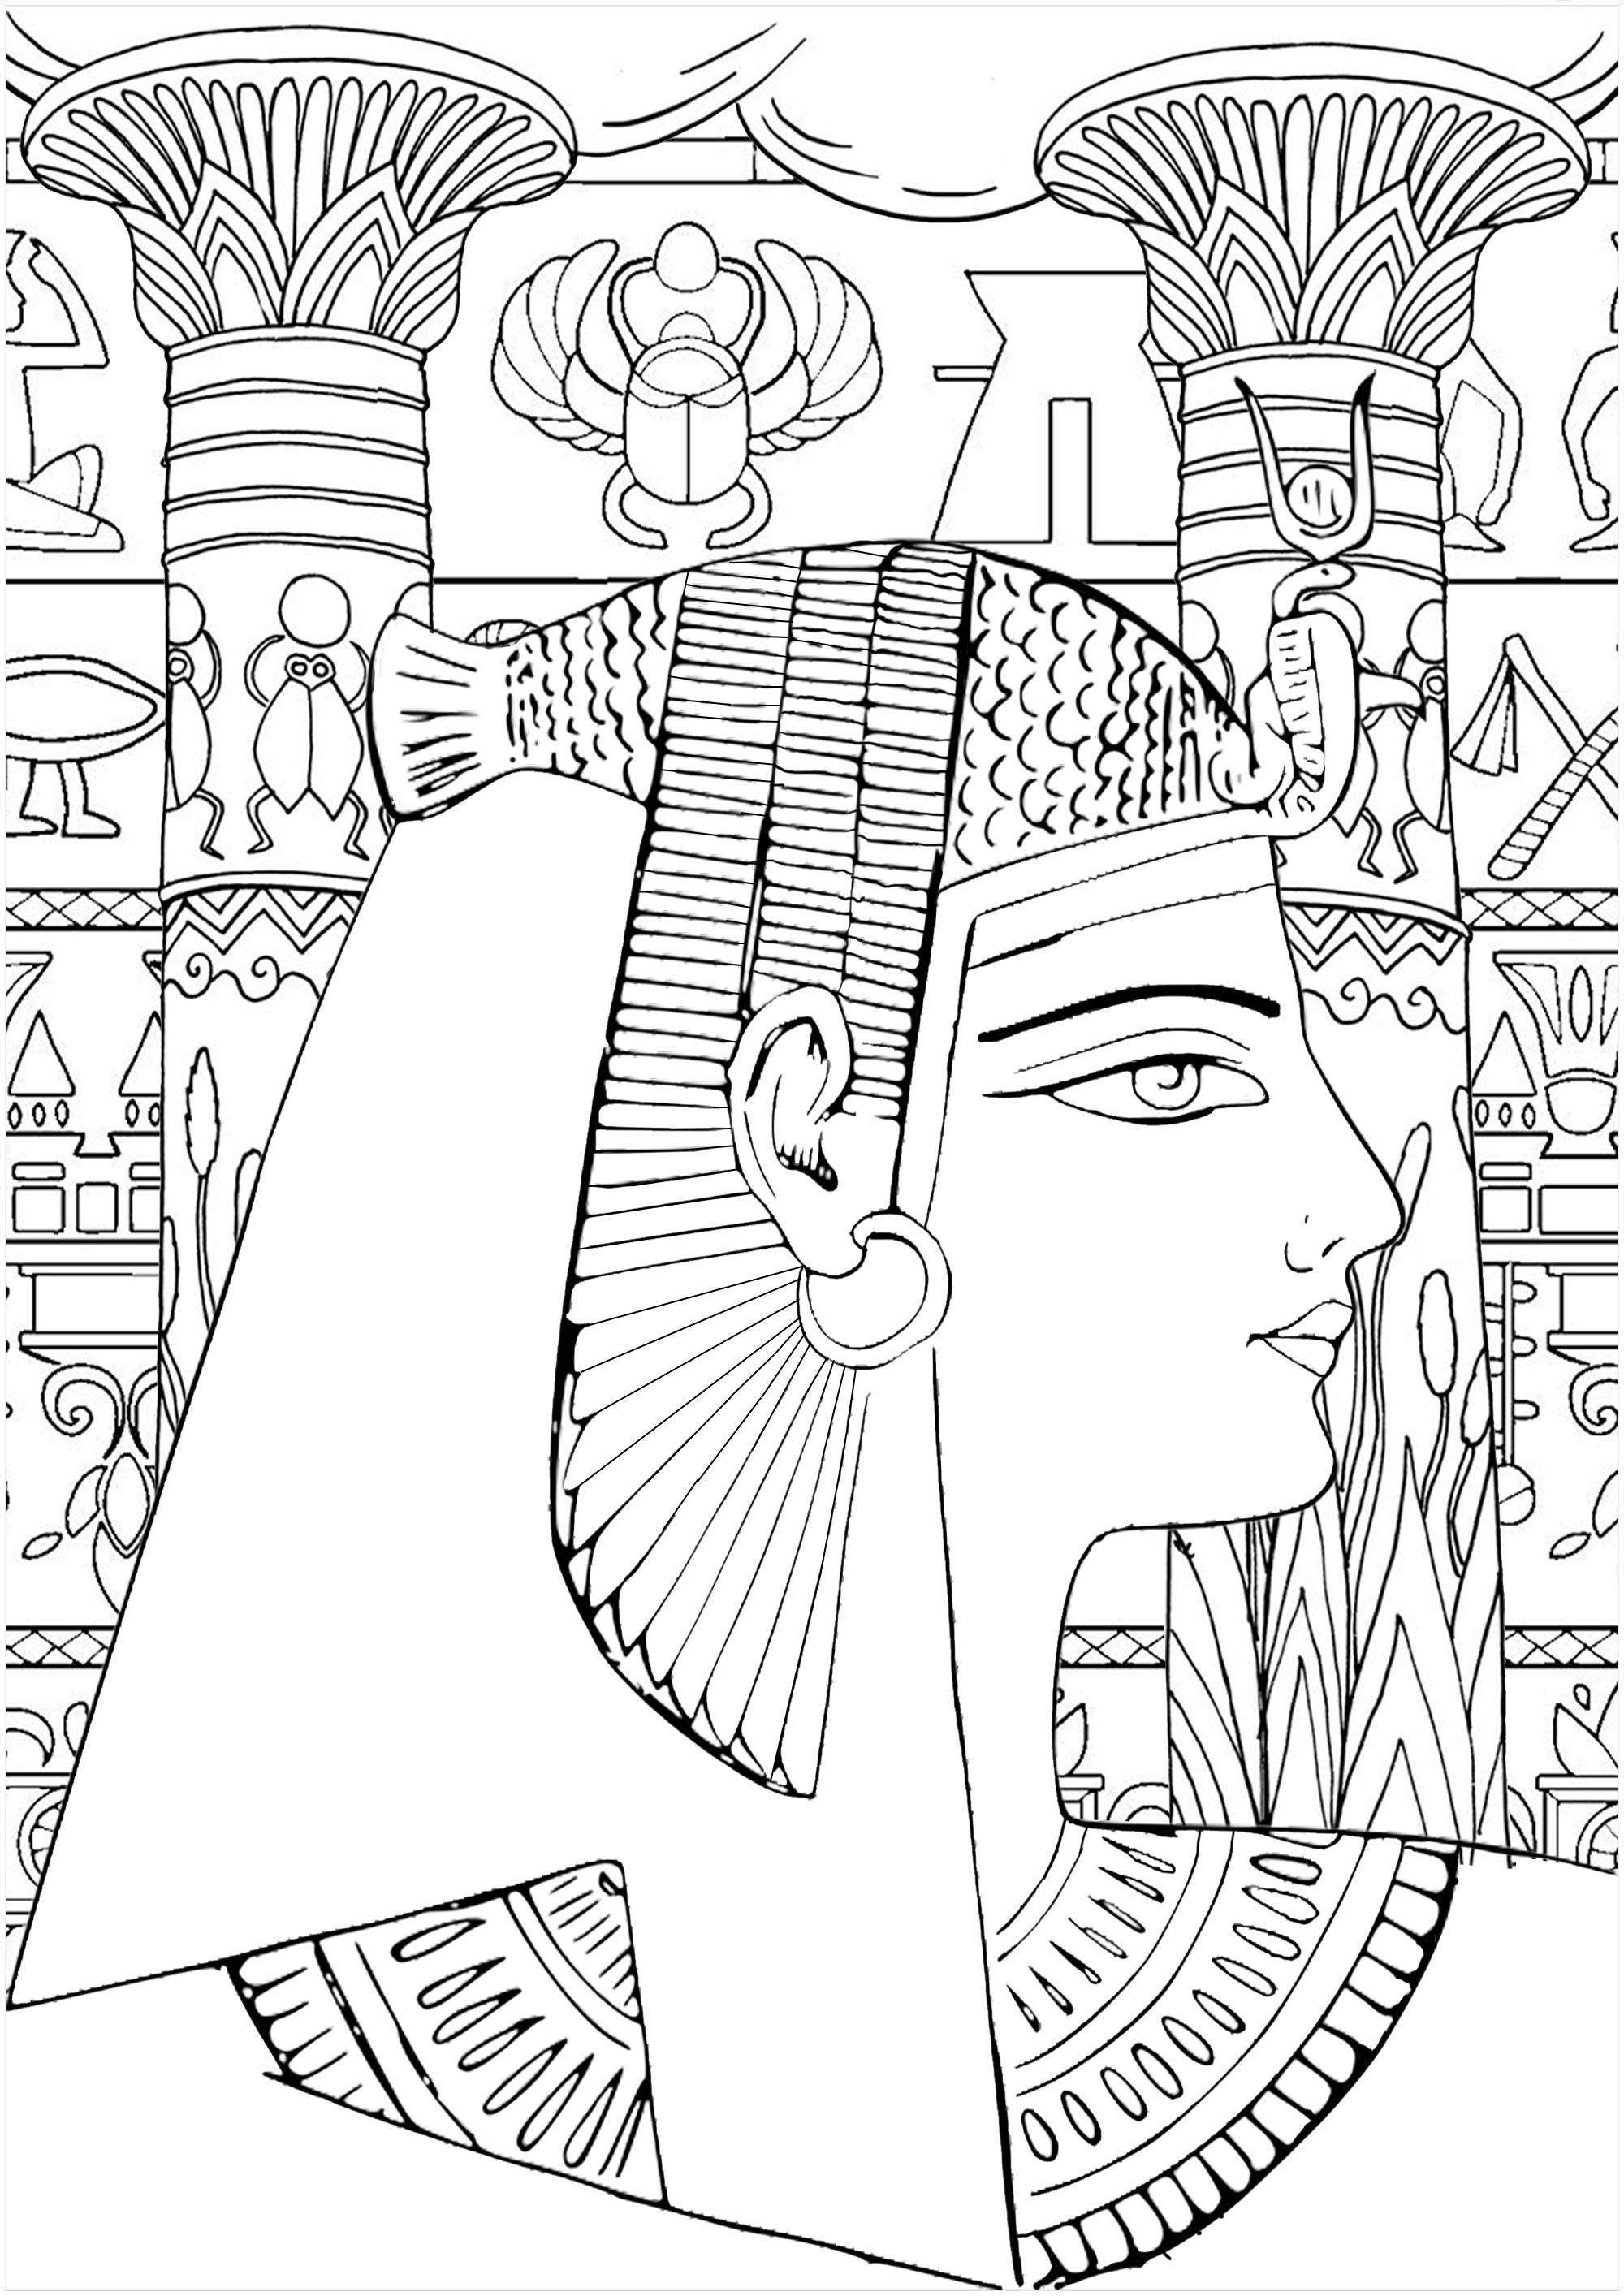 agypten und hieroglyphen 6760  Ägypten und hieroglyphen